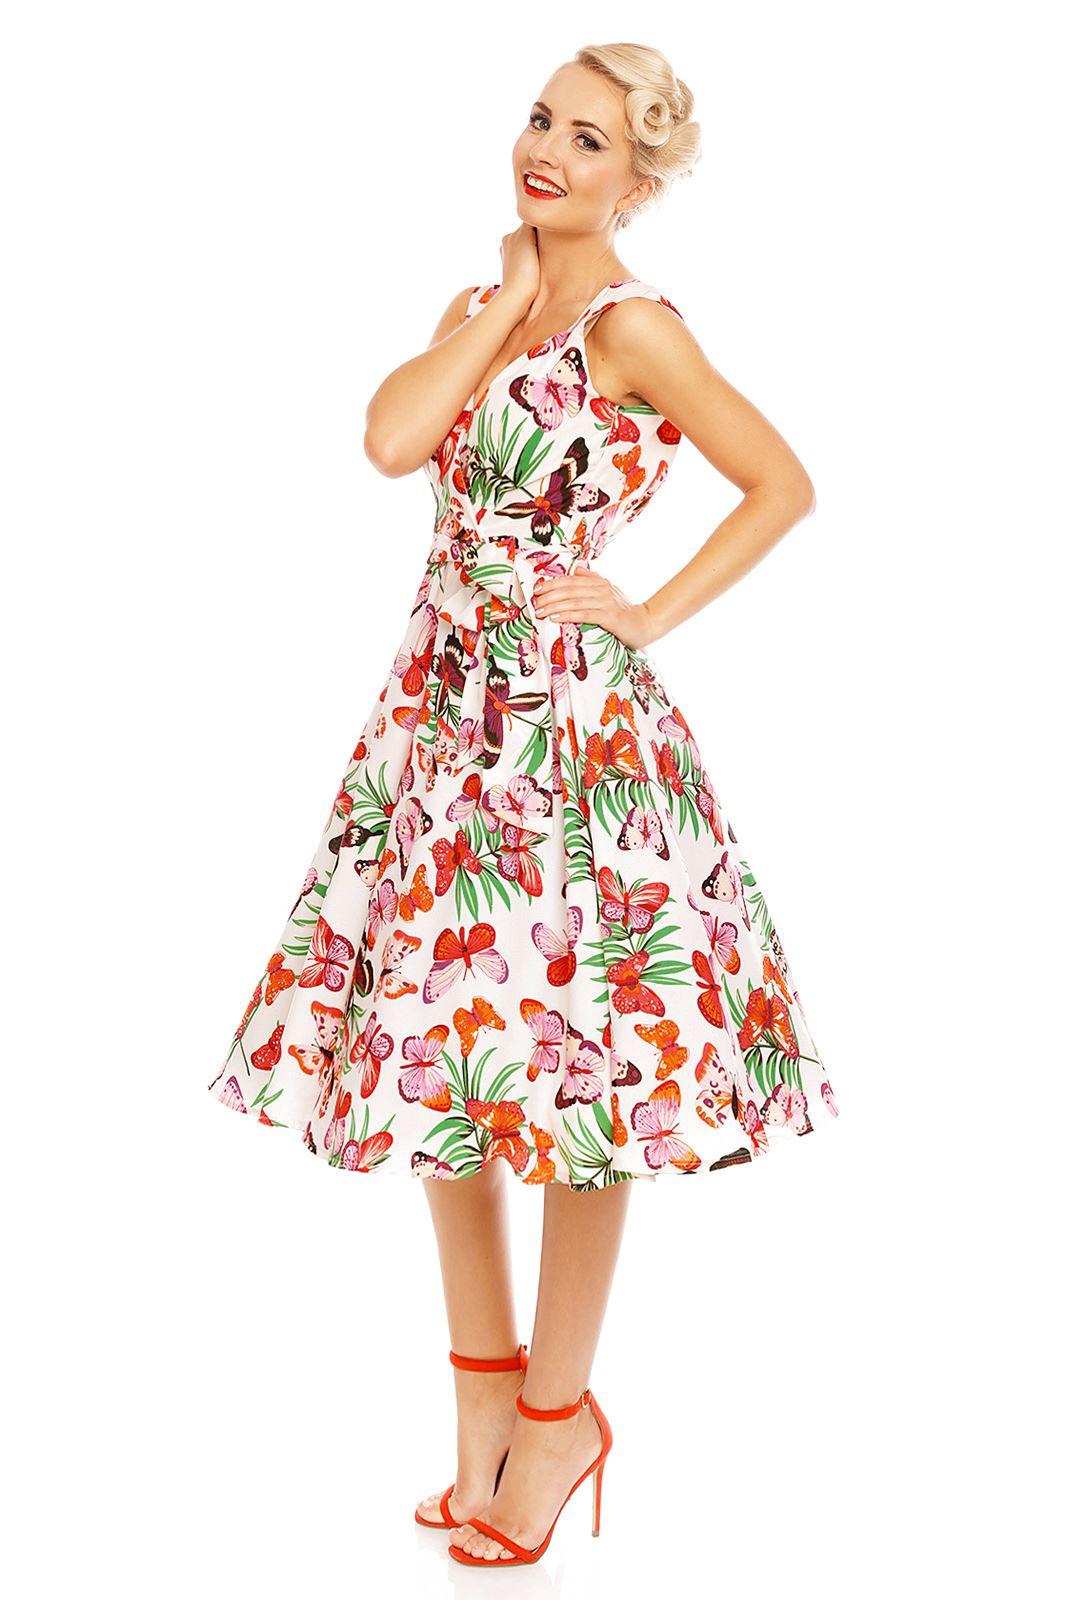 kleid Für Frauen Looking Glam Retro Vintage Schmetterling Drucken